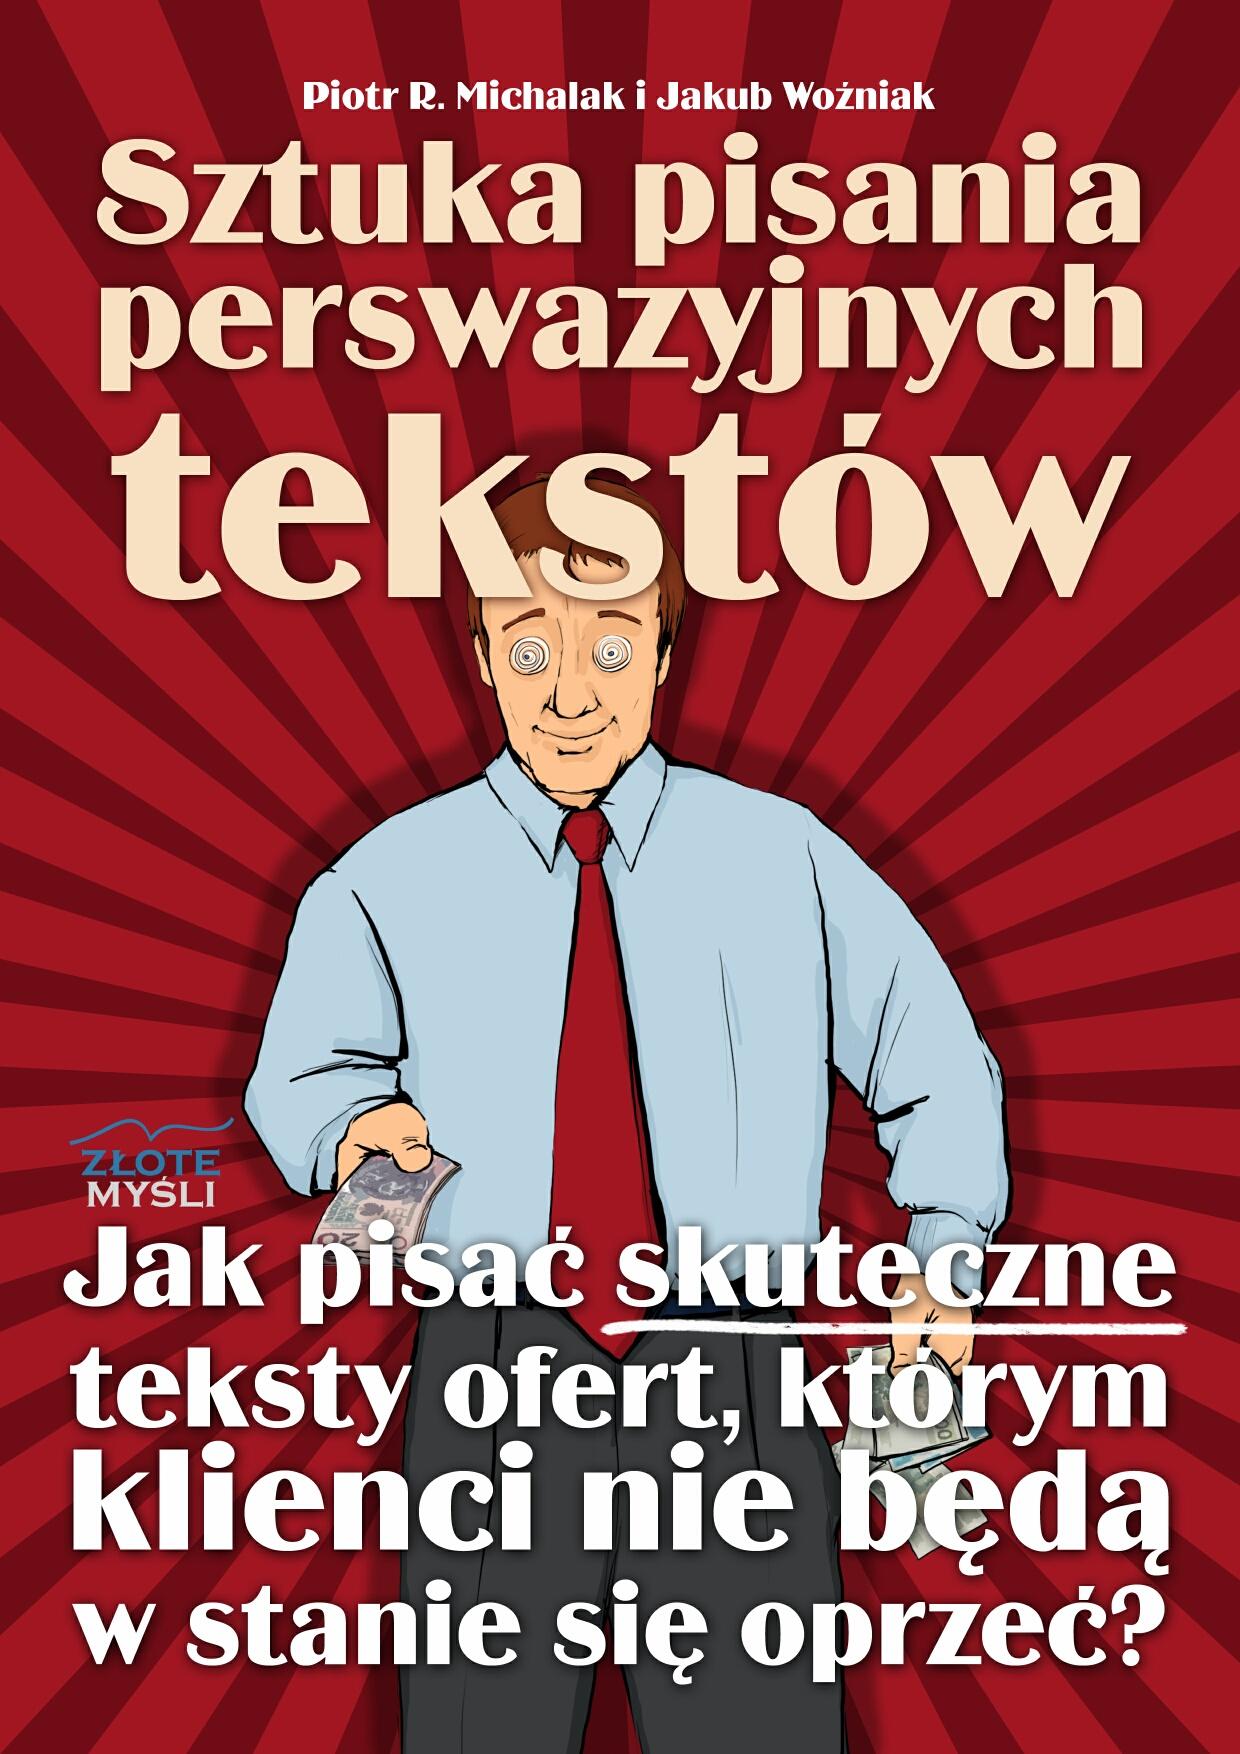 Piotr R. Michalak i Jakub Woźniak: Sztuka pisania perswazyjnych tekstów - okładka